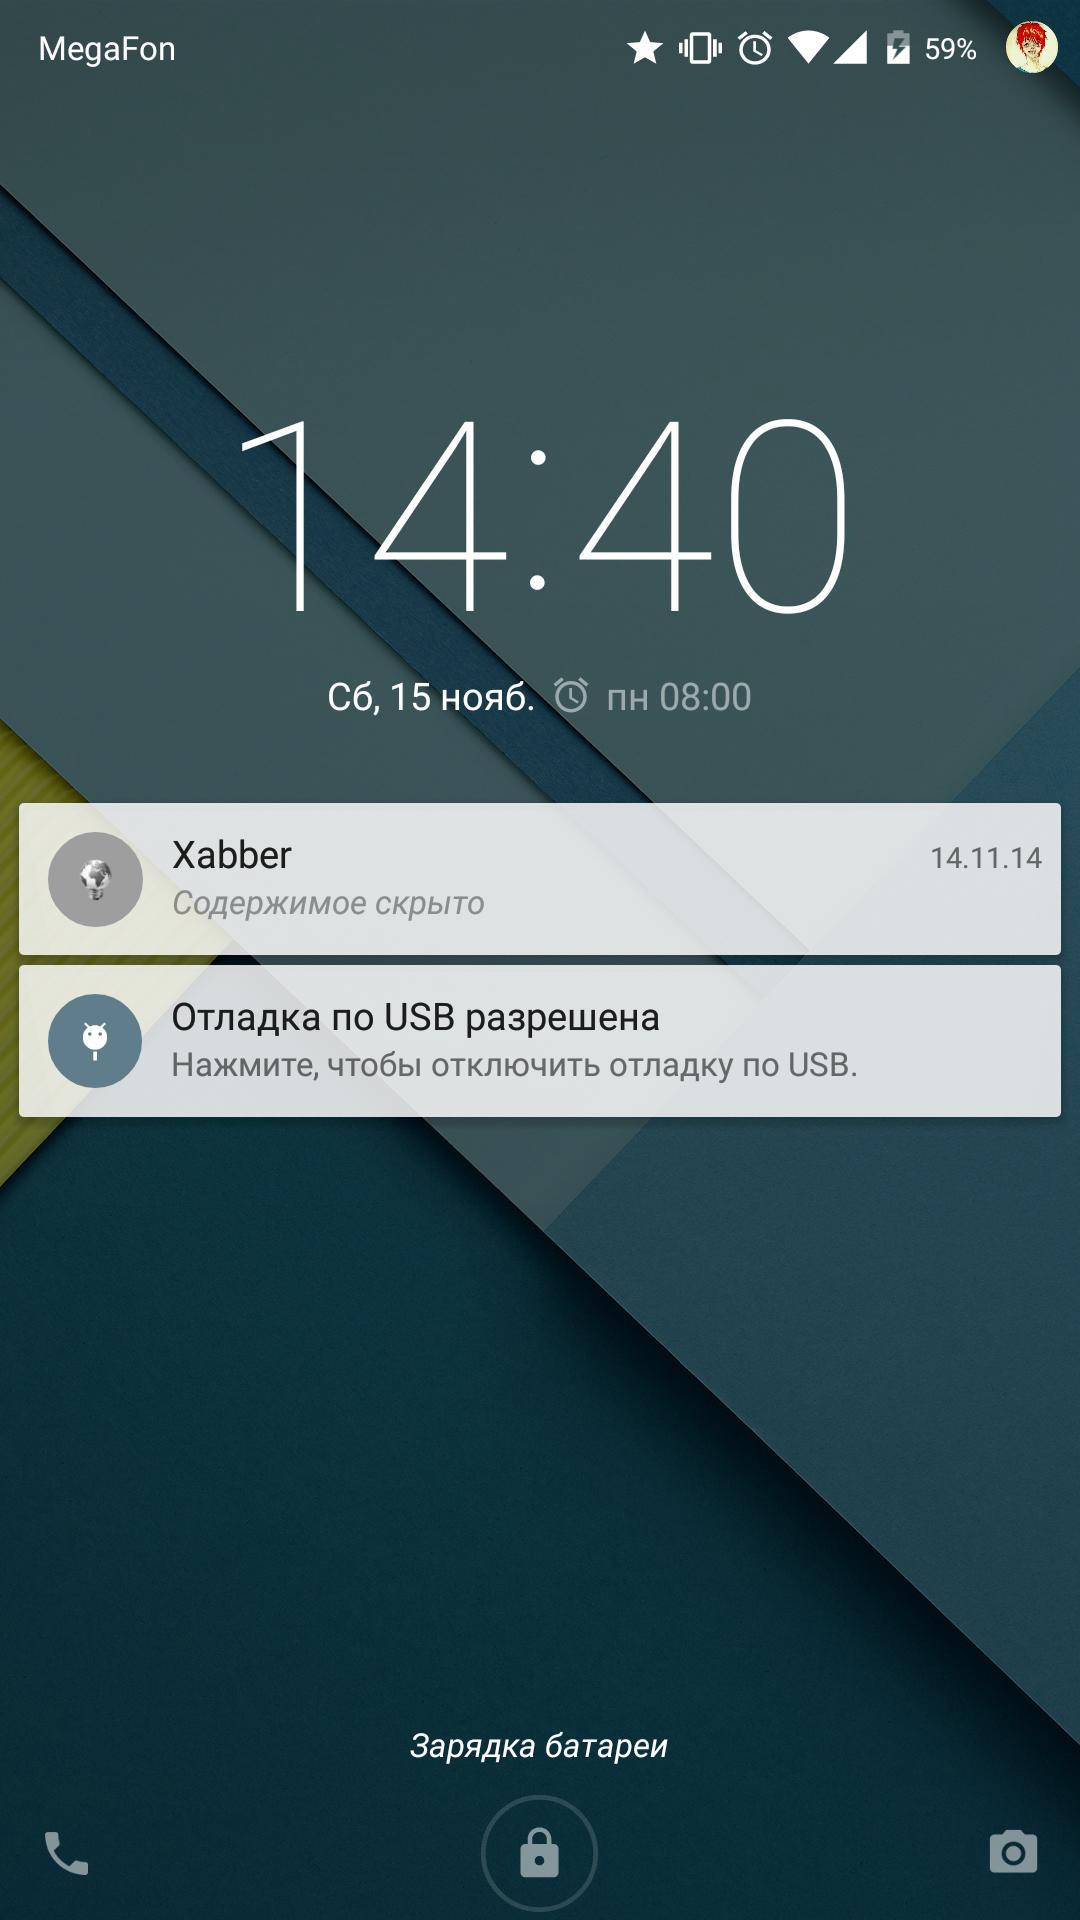 «Android 5.0, что с тобой не так?» или Основные особенности новой операционной системы глазами пользователя - 1